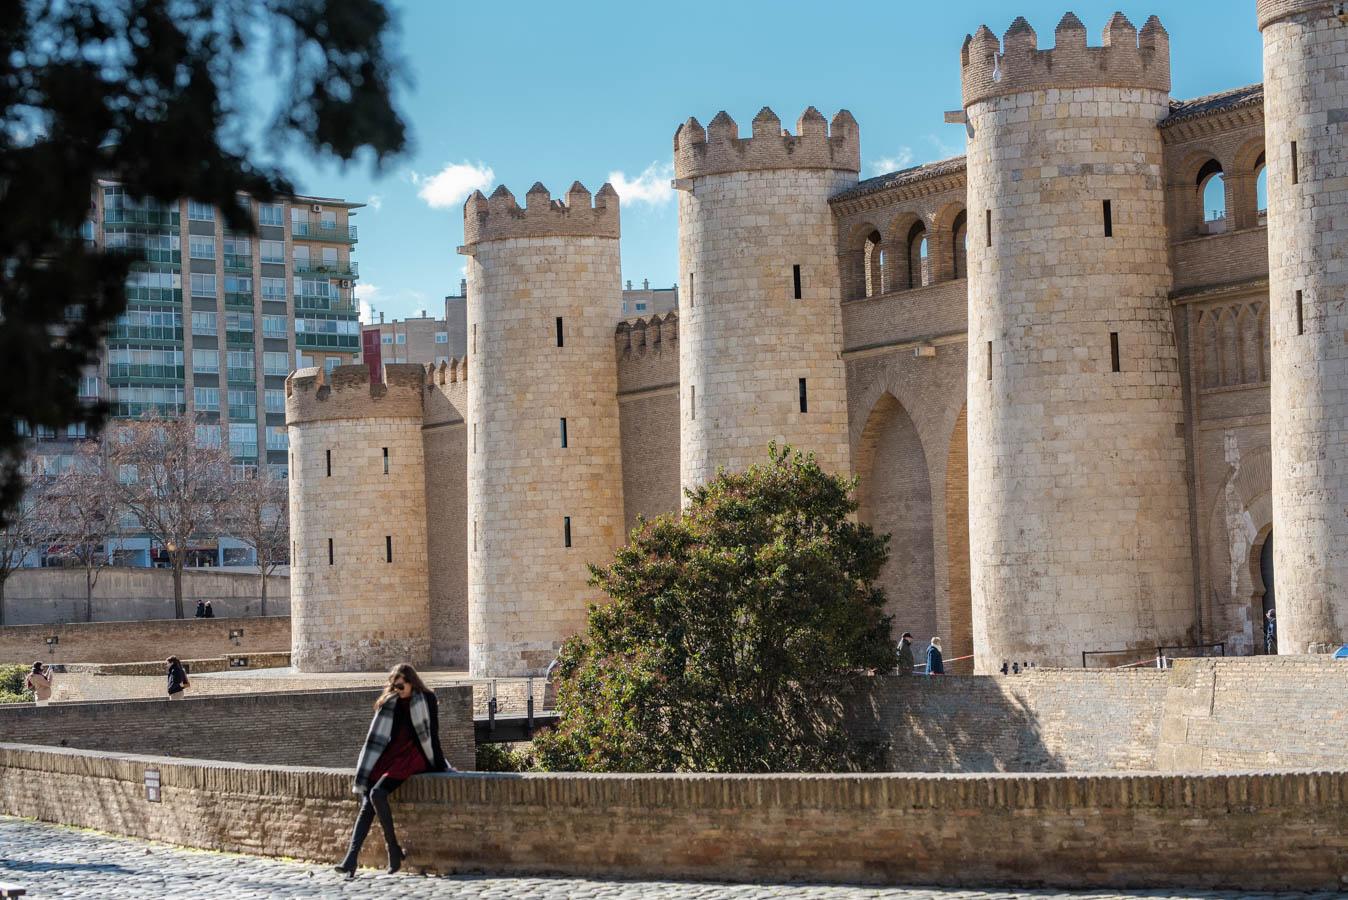 Zaragoza has many amazing places to visit.